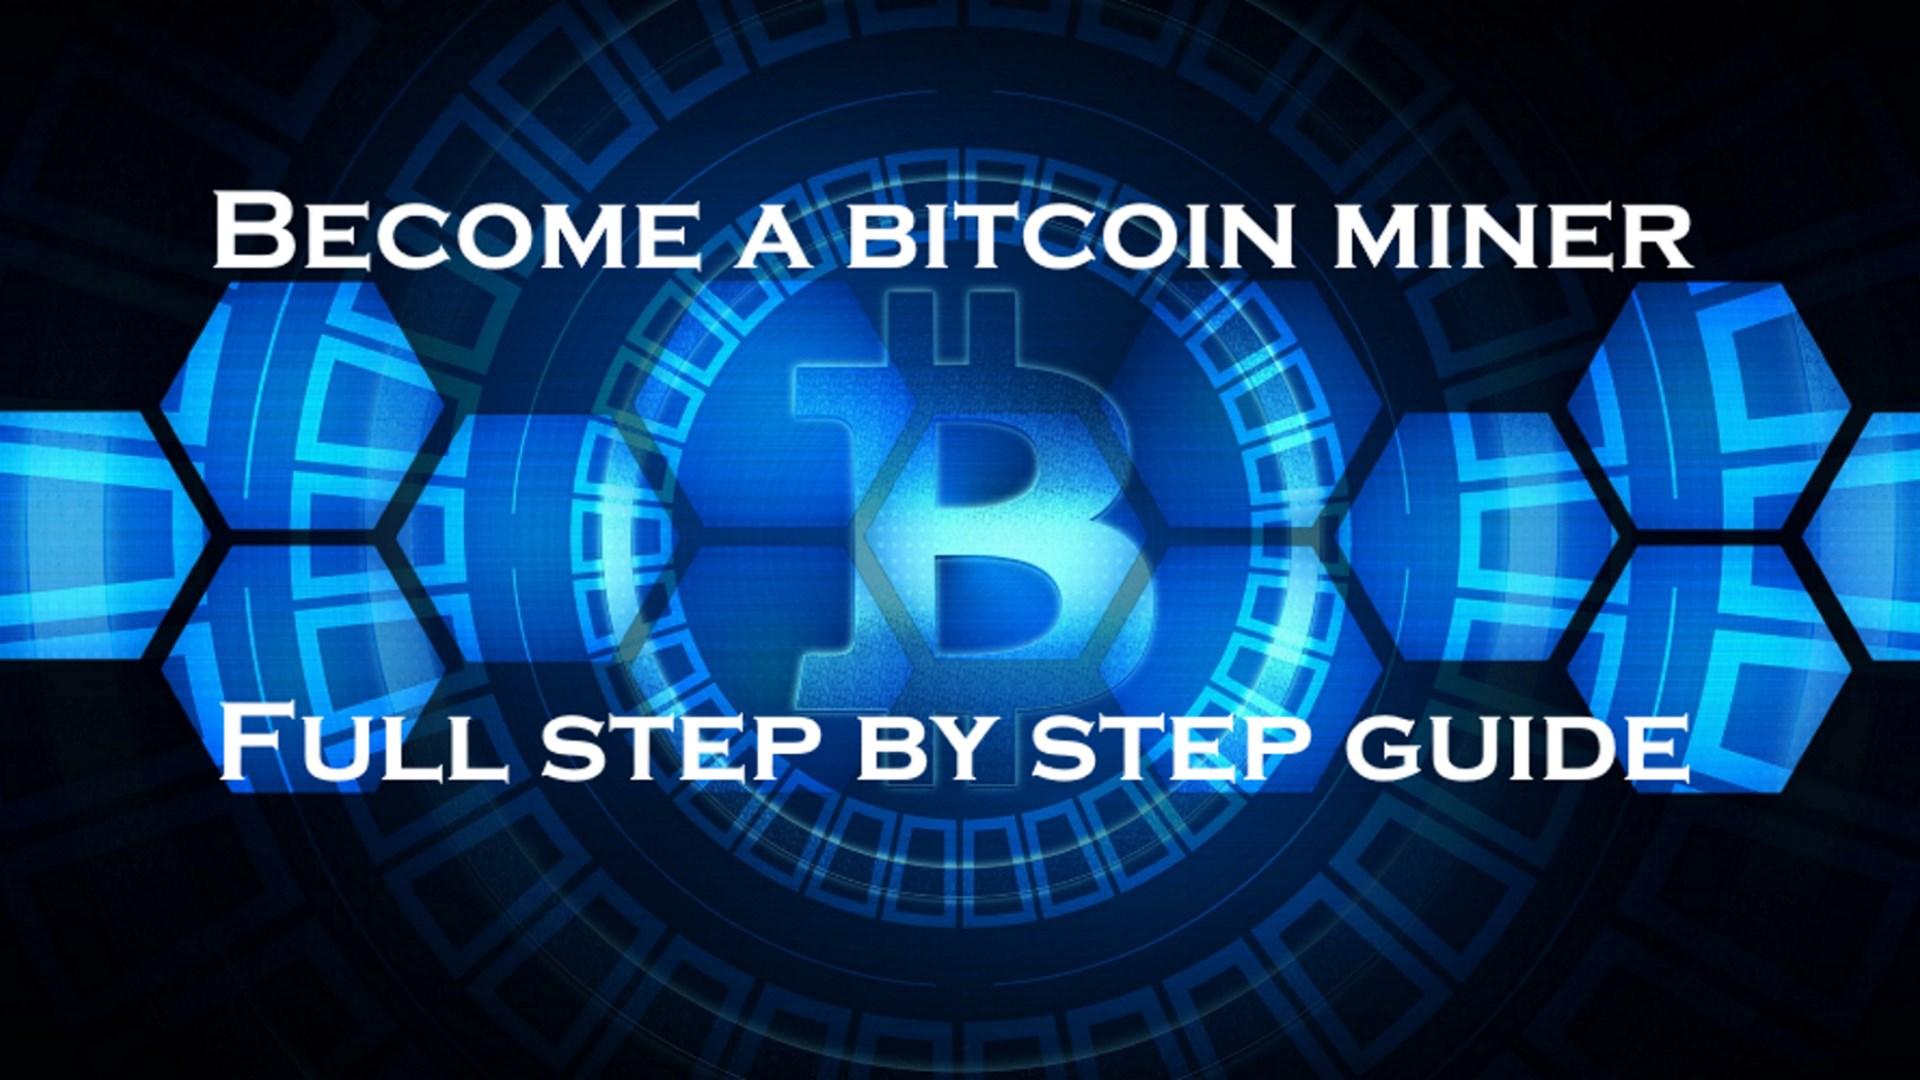 unde să luați Bitcoins pentru schimb